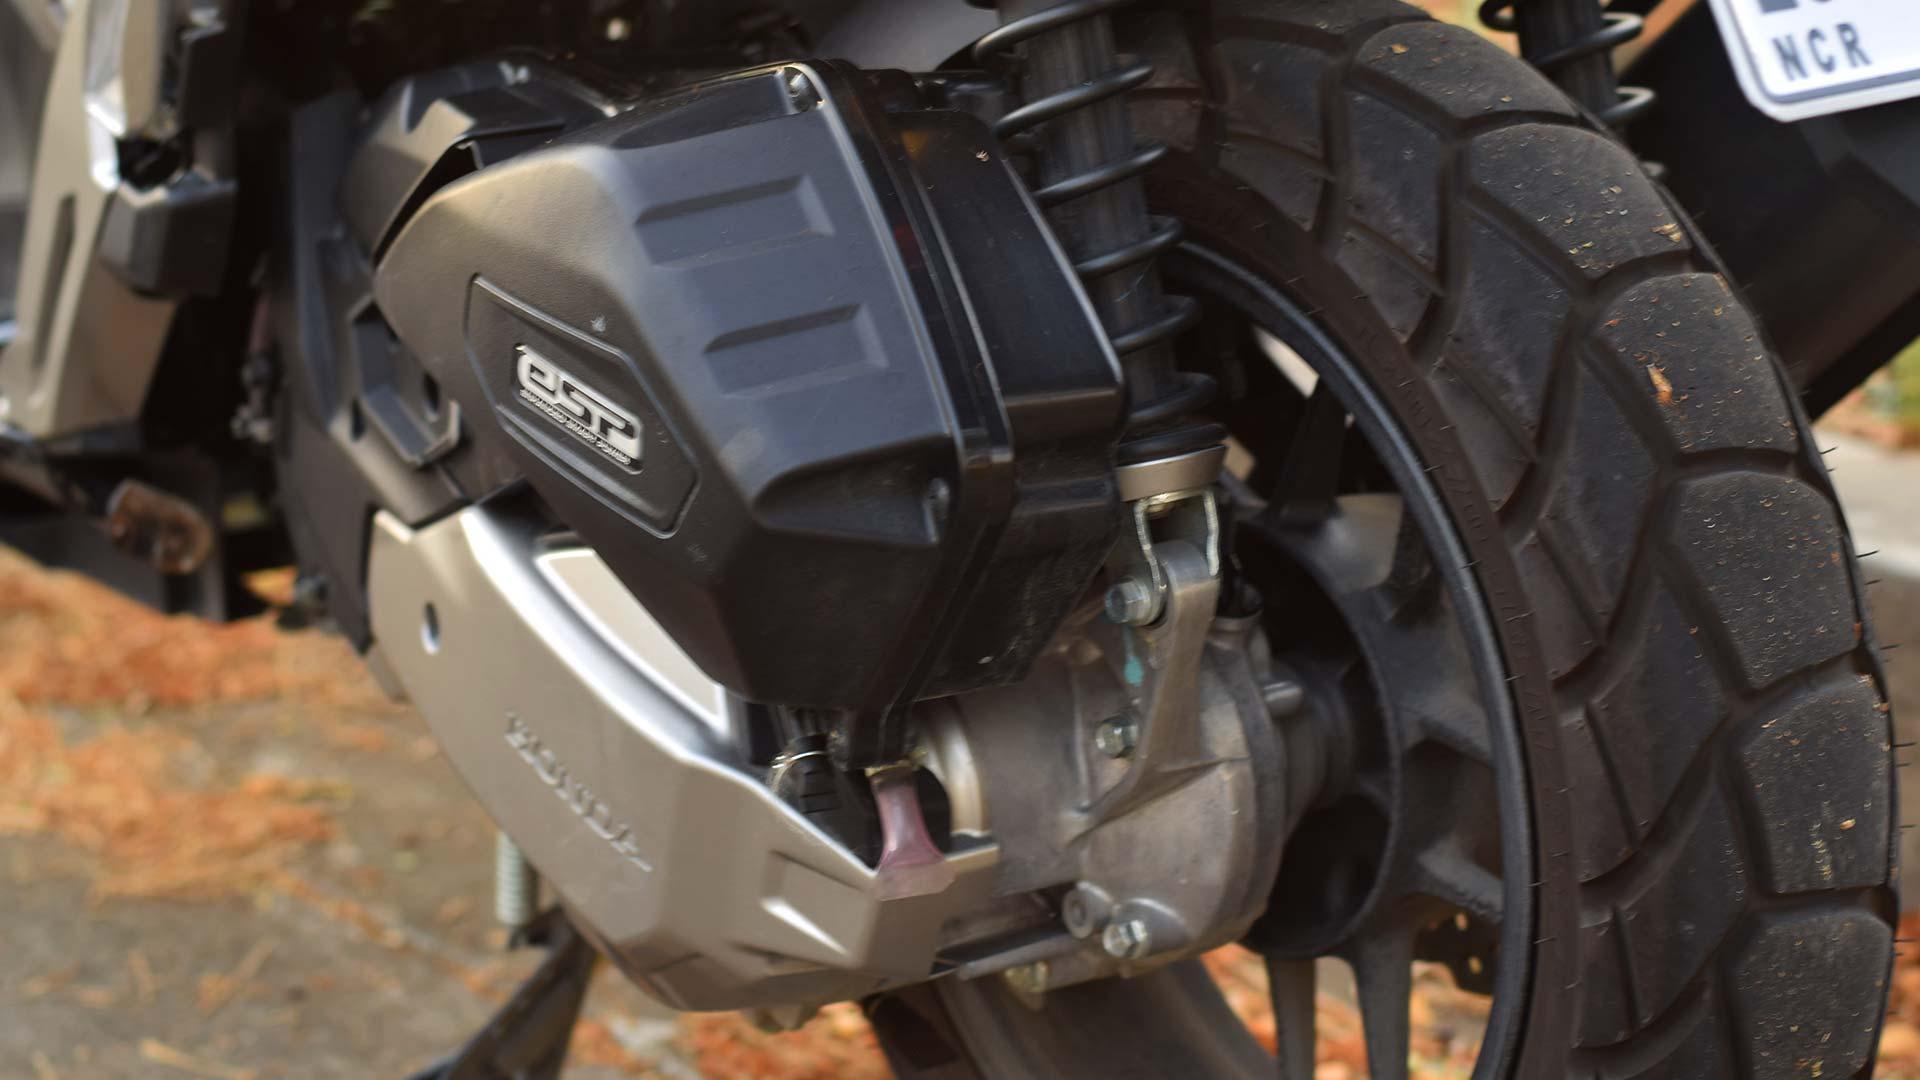 Honda ADV 150 Engine